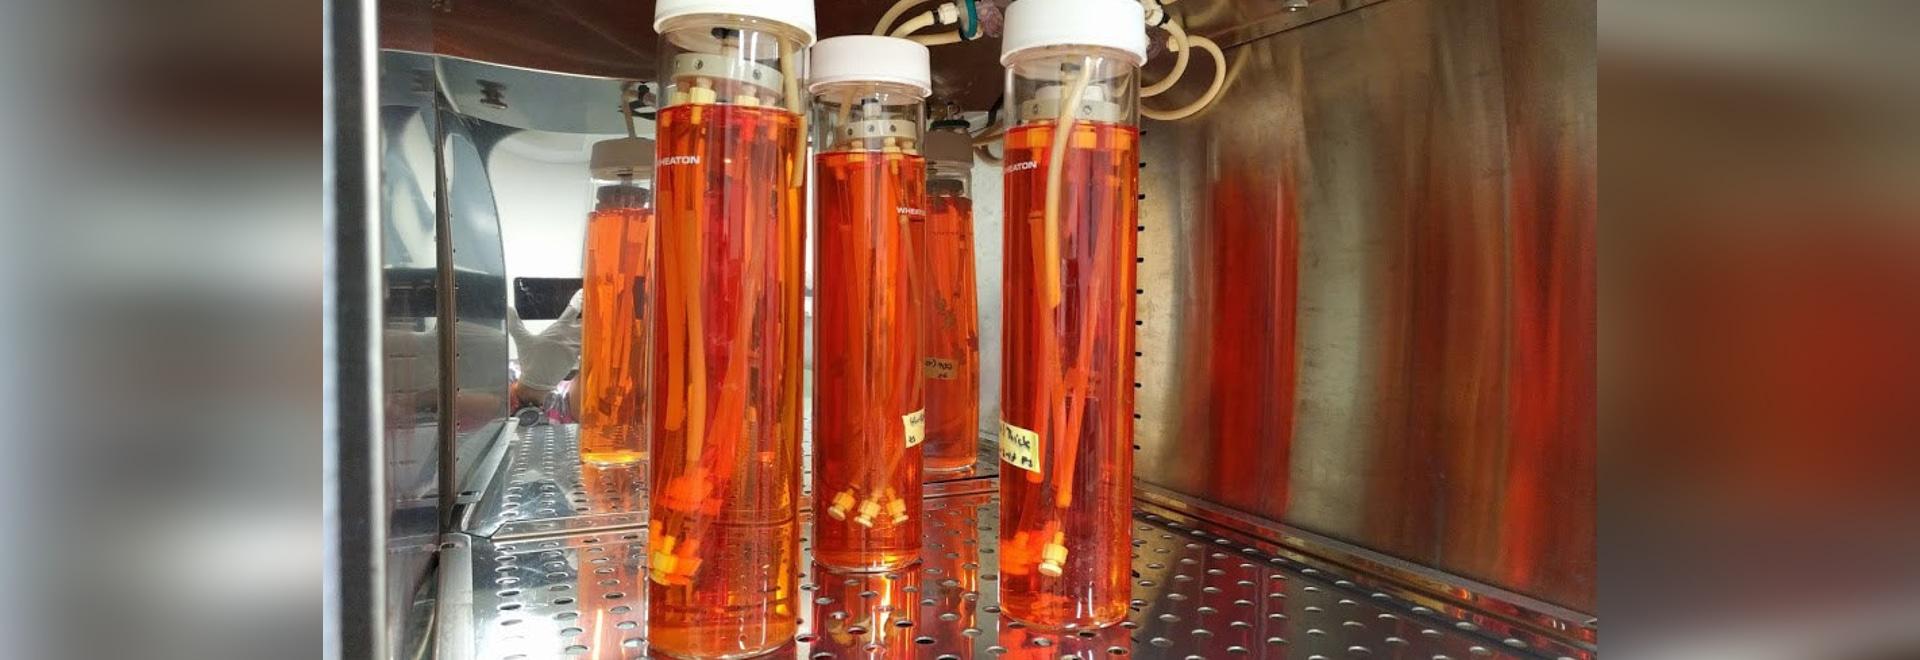 Nuevos reemplazos Tejido-dirigidos del vaso sanguíneo un paso más cercano a ensayos humanos